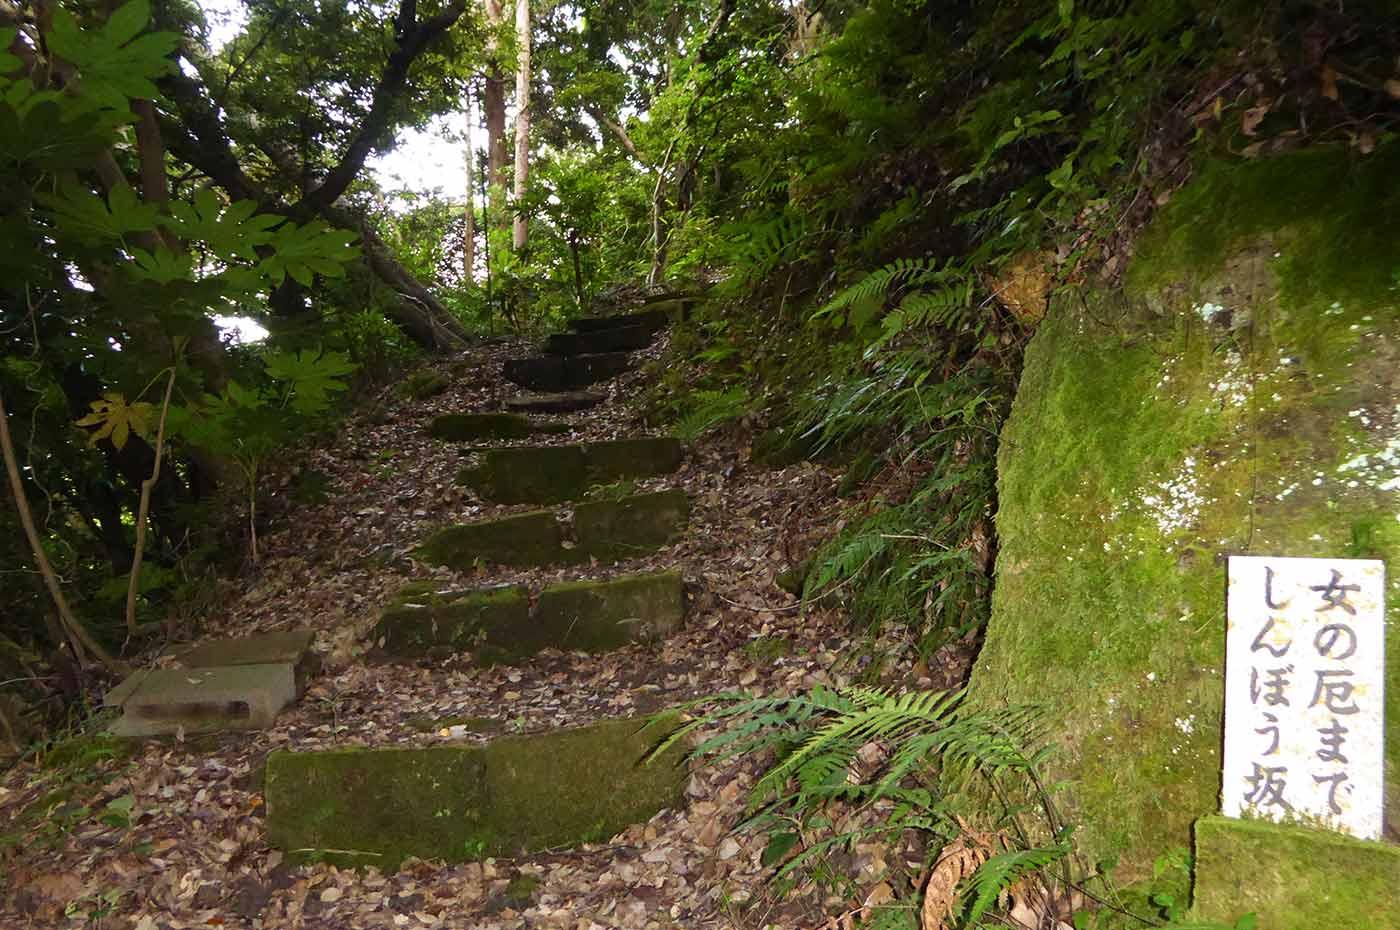 高野山霊場八十八ヶ所の登り坂